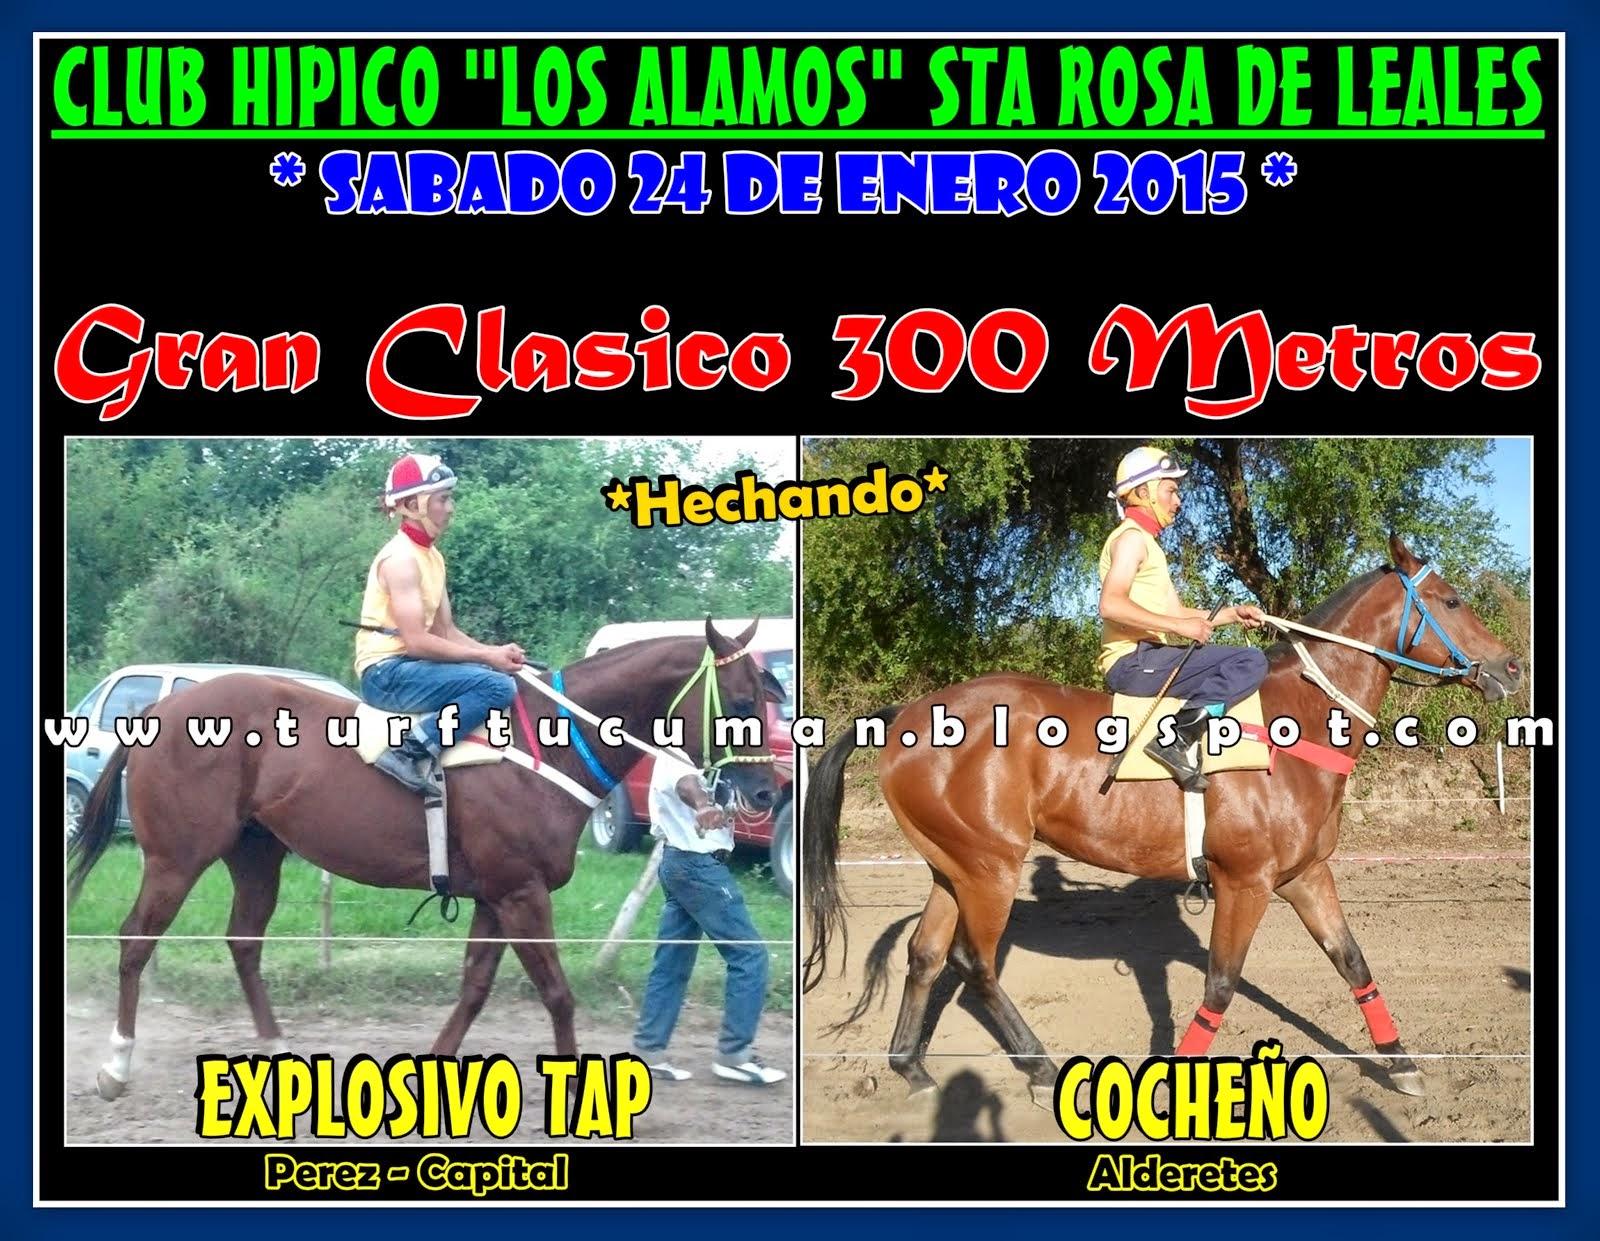 EXPLOSIVO VS COCHEÑo